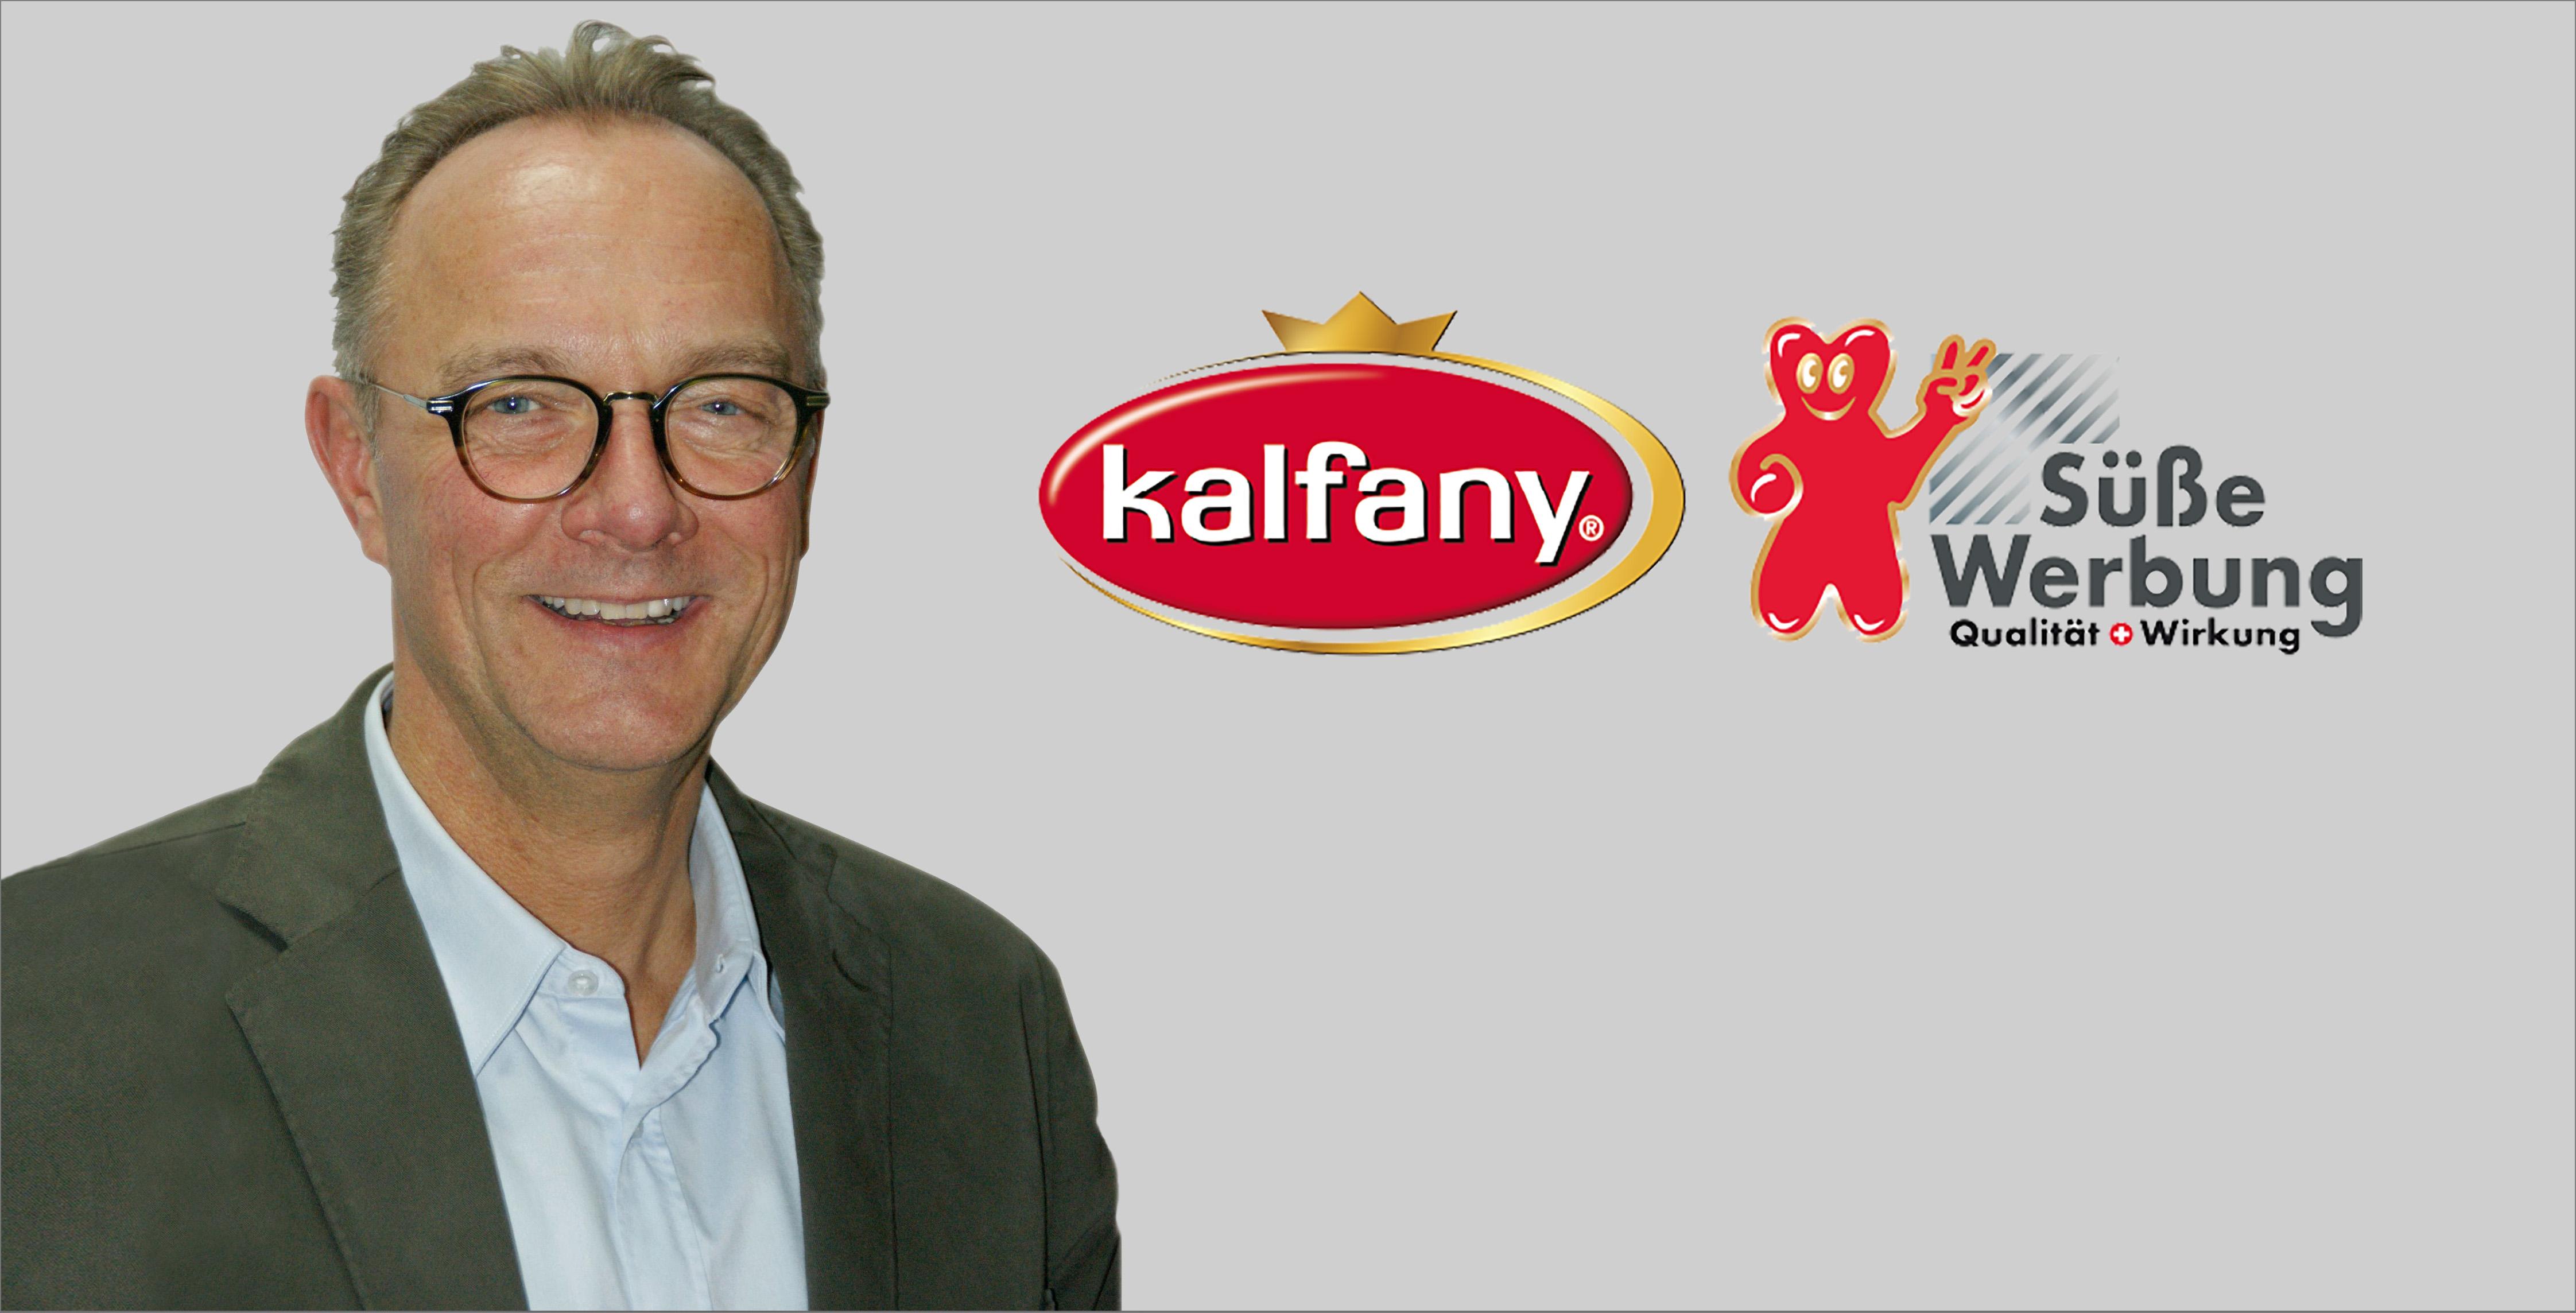 Interview: Kalfany – Web-to-Print-Spezialist für personalisierte Süßwaren